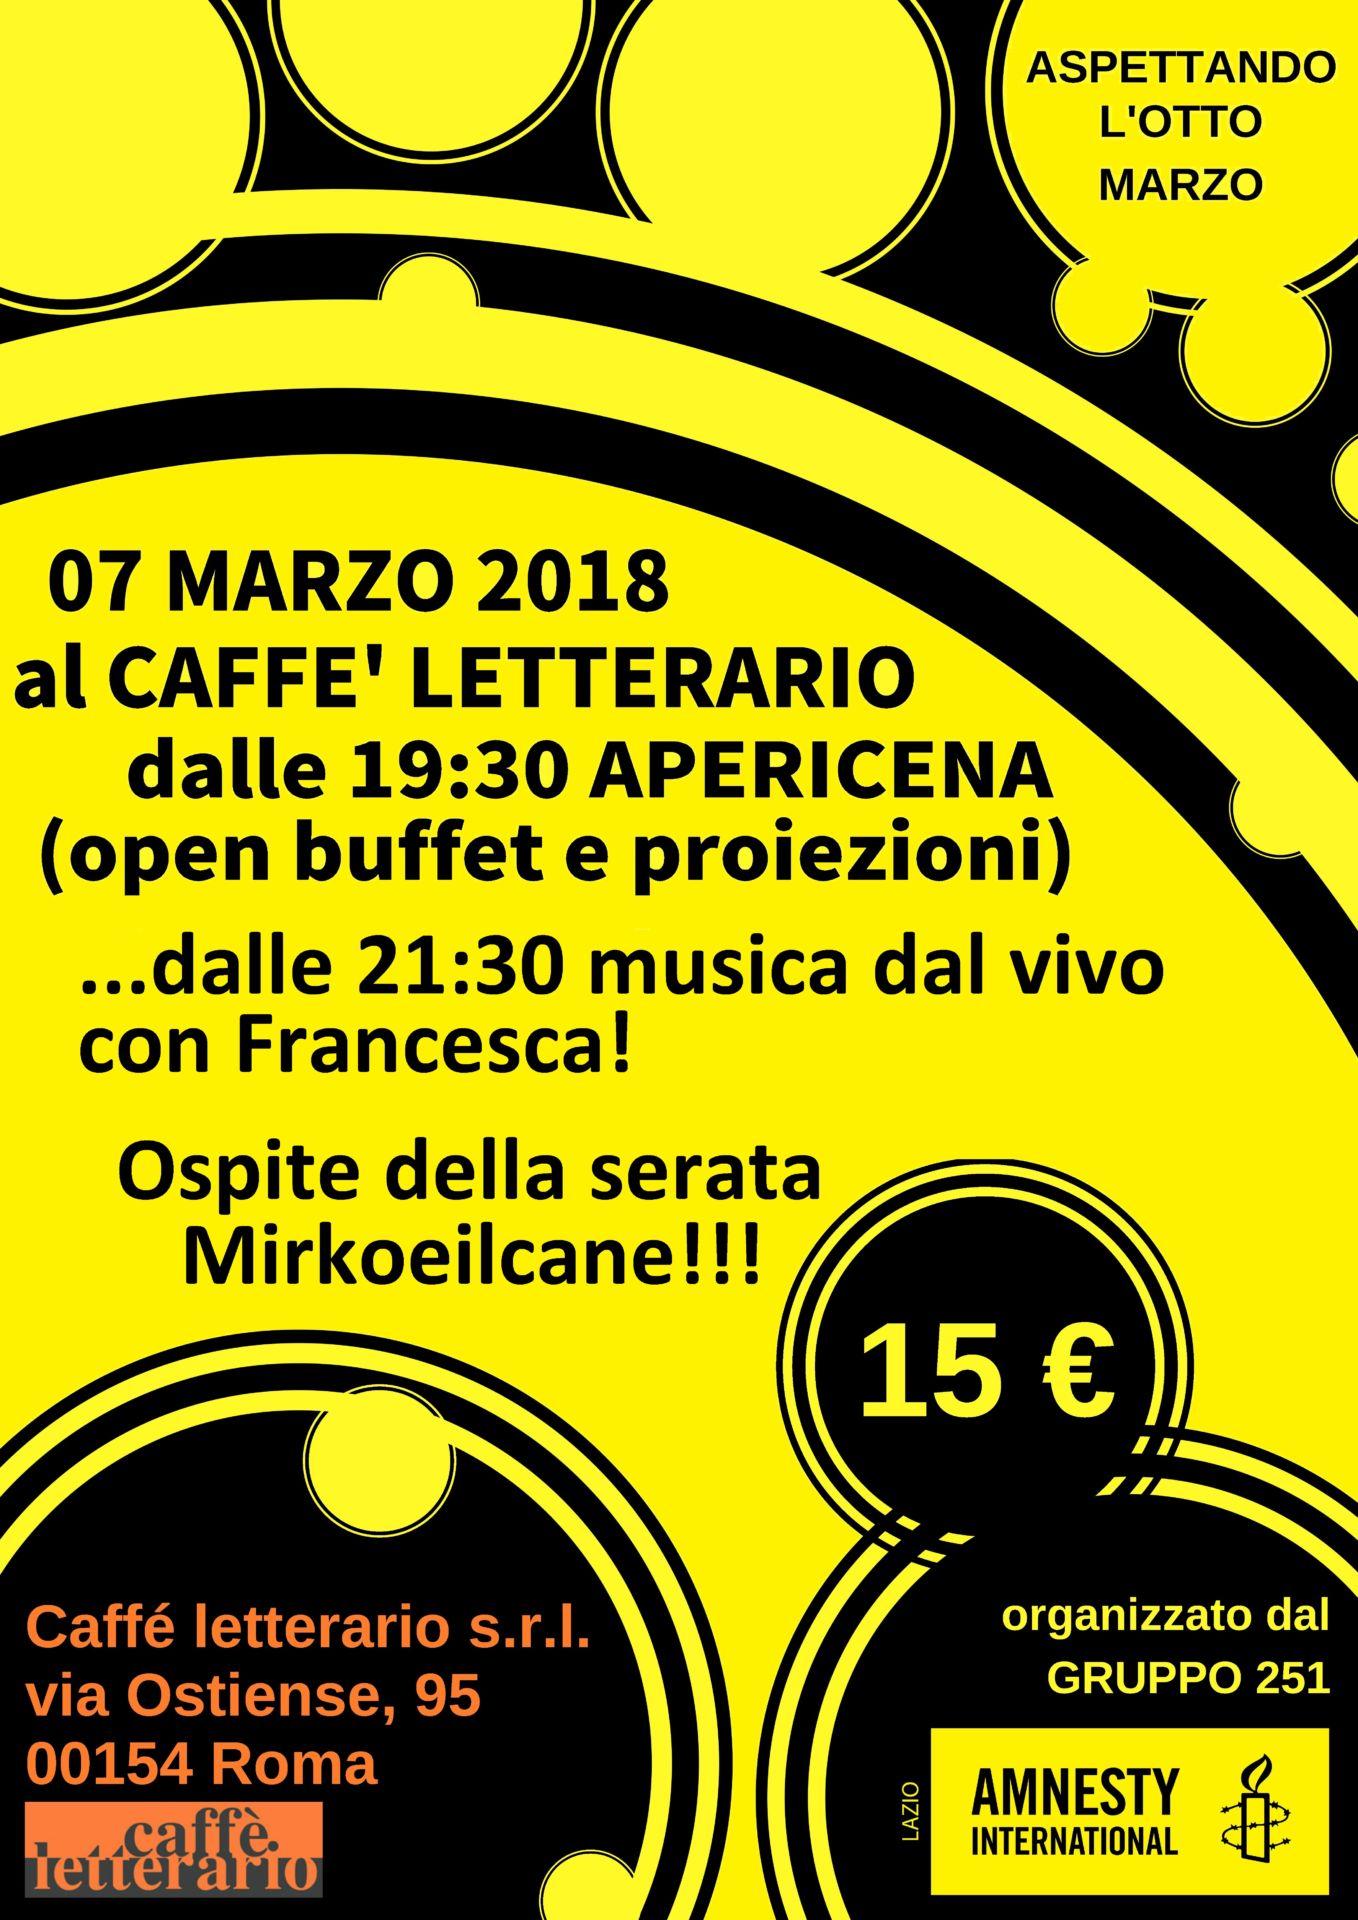 Caffé letterario s.r.l. via Ostiense, 9500154 Roma